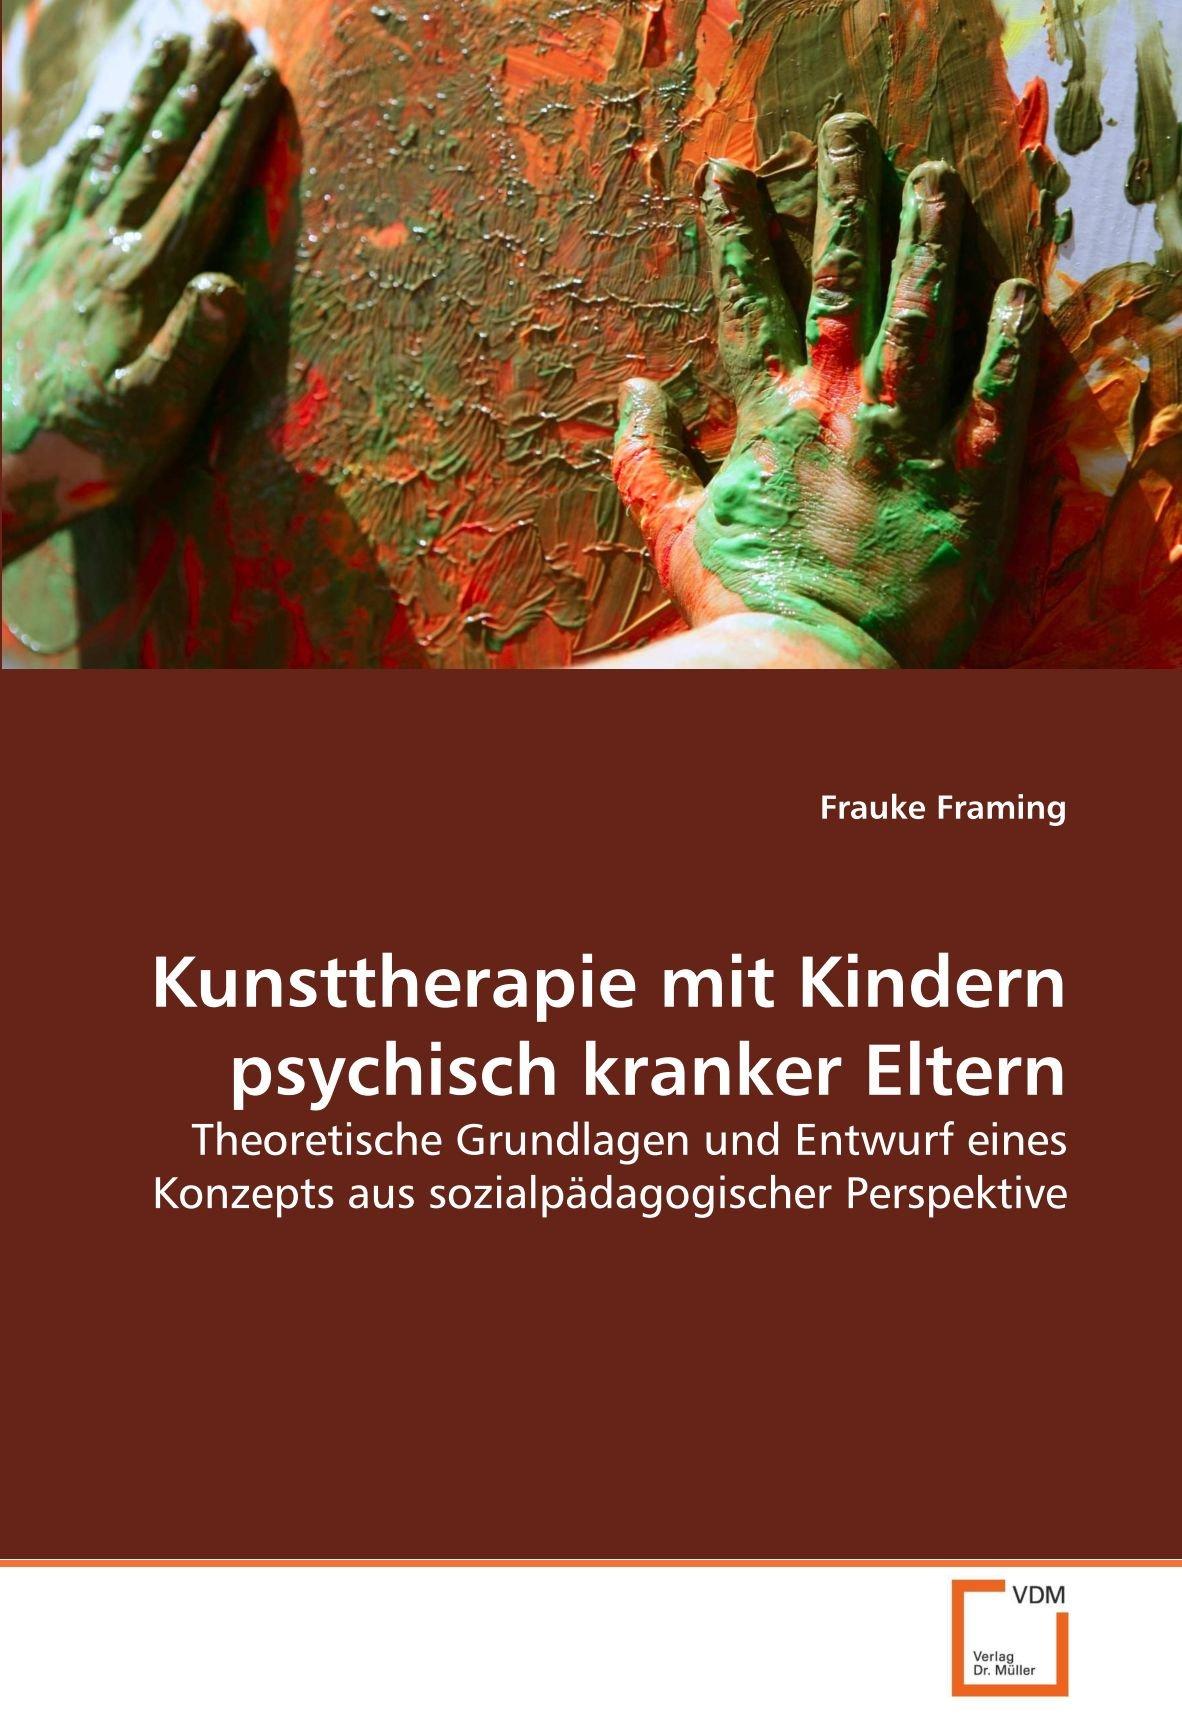 Kunsttherapie mit Kindern psychisch kranker Eltern: Theoretische ...